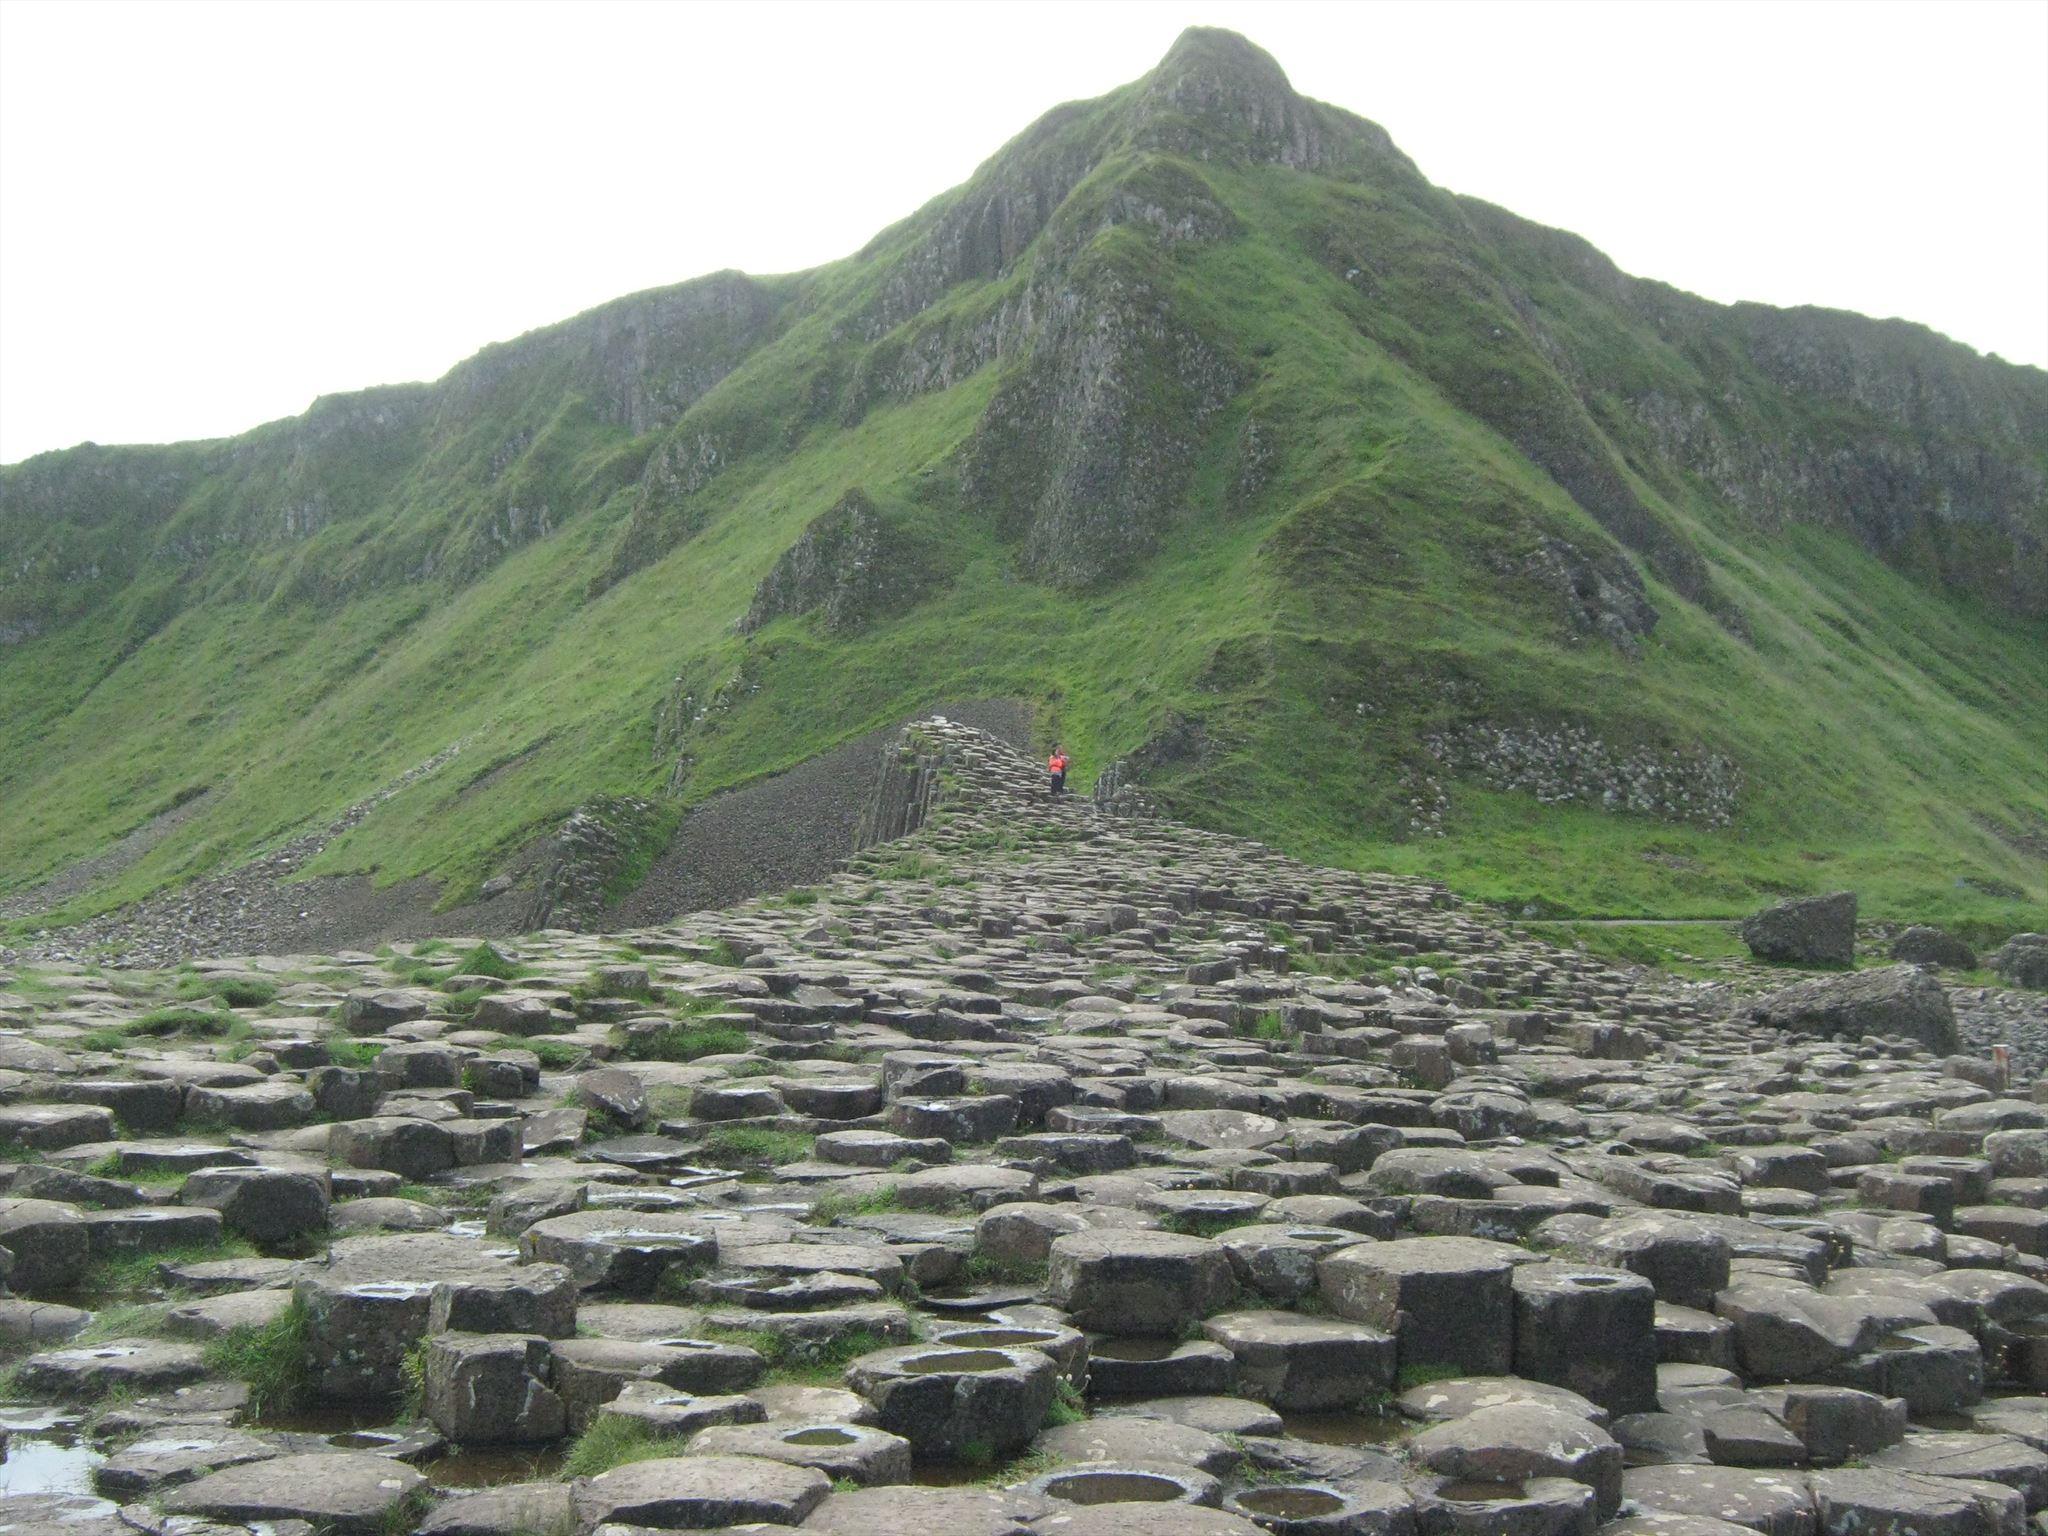 The Giant's Causeway Earthcache, Ireland GCPCPX